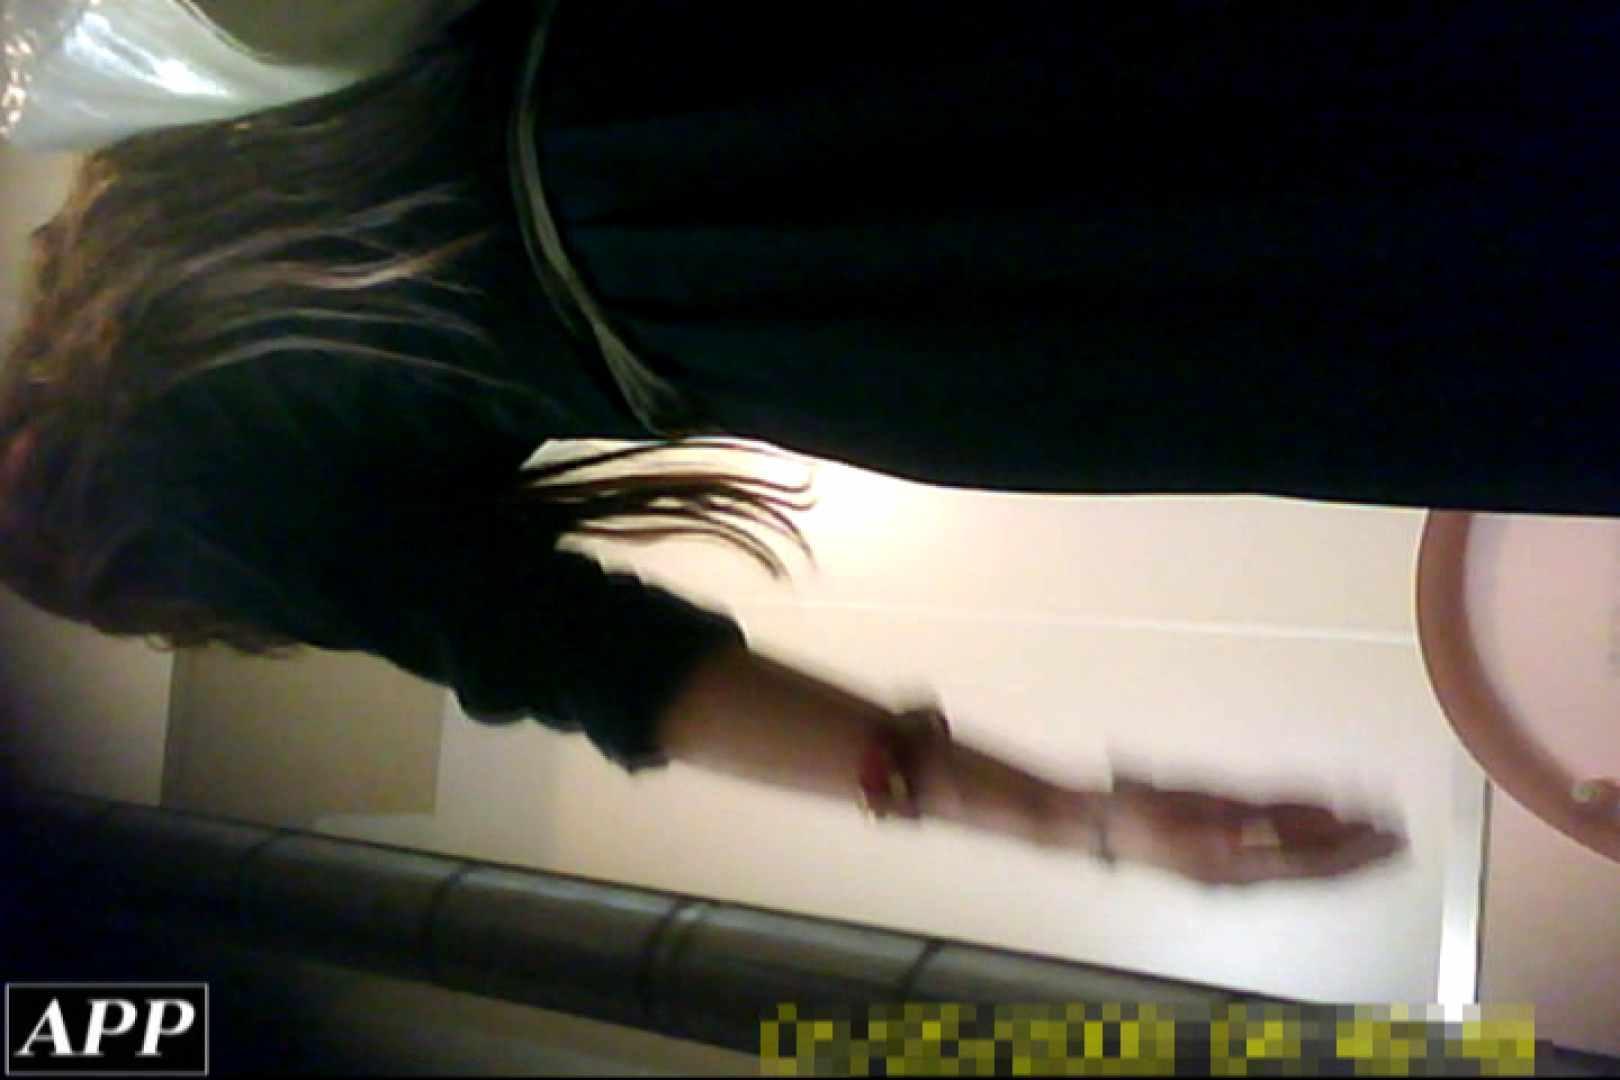 3視点洗面所 vol.135 お姉さん達のオマンコ おまんこ無修正動画無料 39連発 14